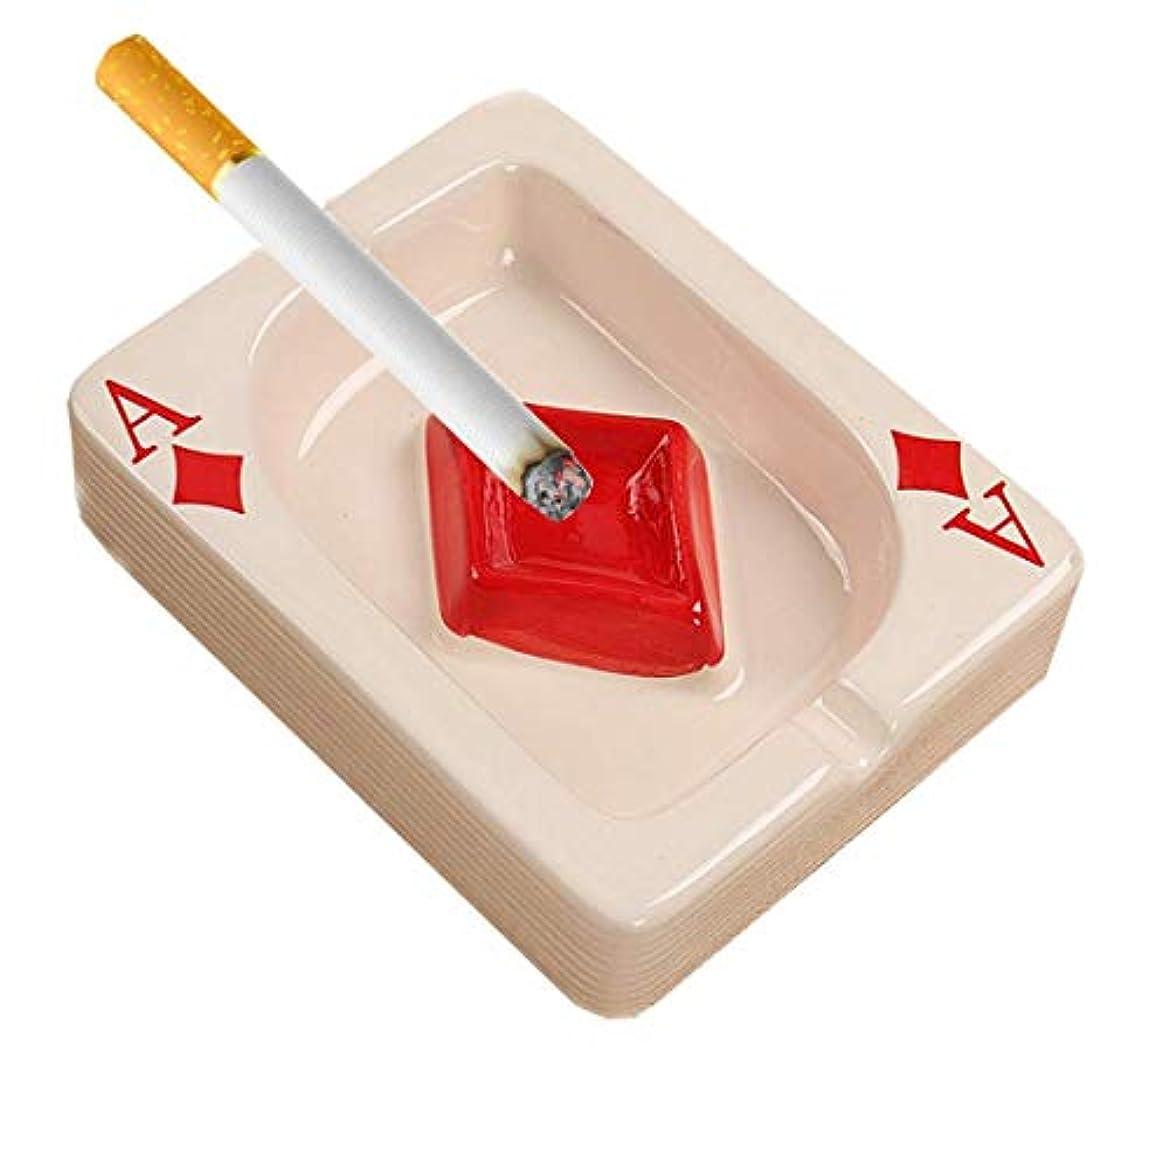 計器浸透するドック人々のための灰皿ホームオフィスファッション装飾手作りギフト喫煙屋外屋内デスクトップのためのクリエイティブセラミックたばこの灰皿卓上ポータブル現代灰皿ポーカーシガー灰皿